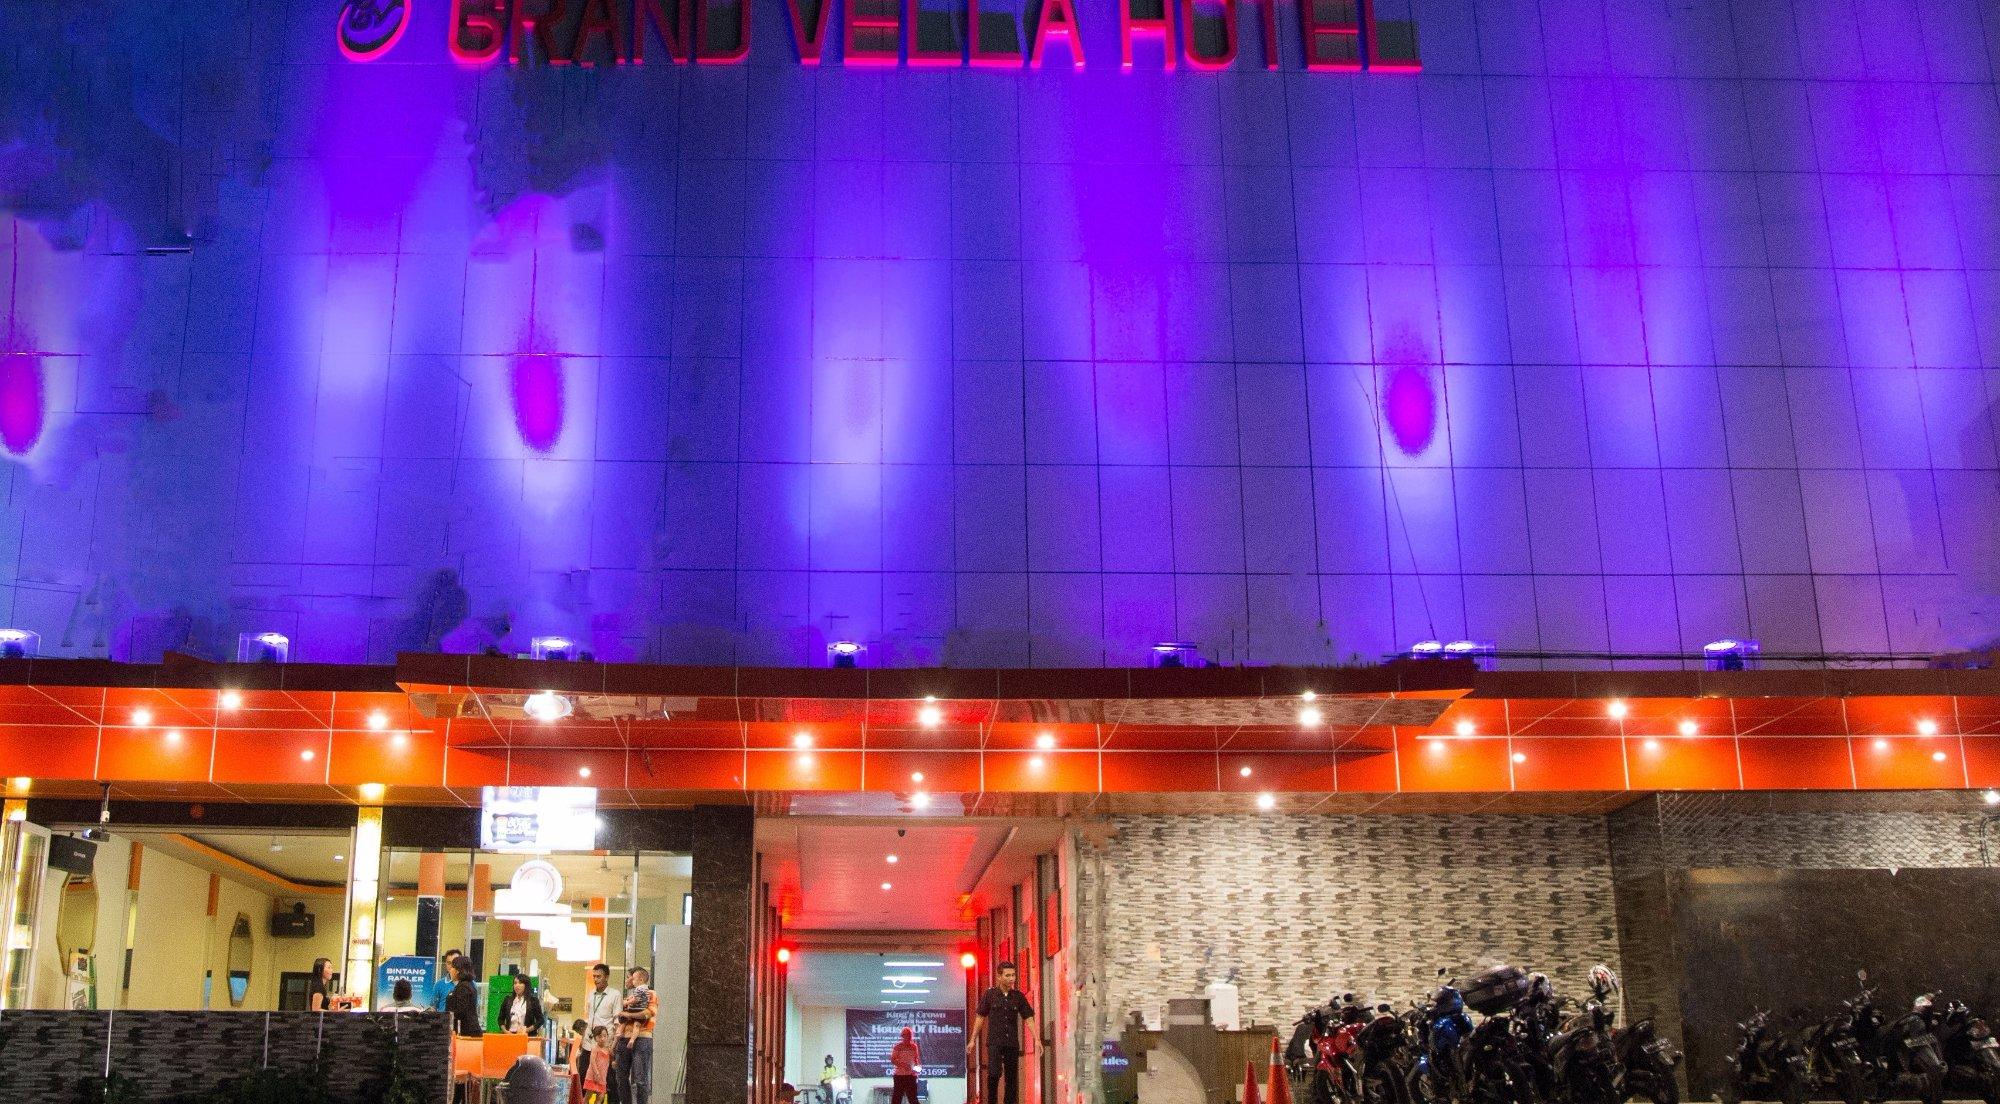 Grand Vella Hotel